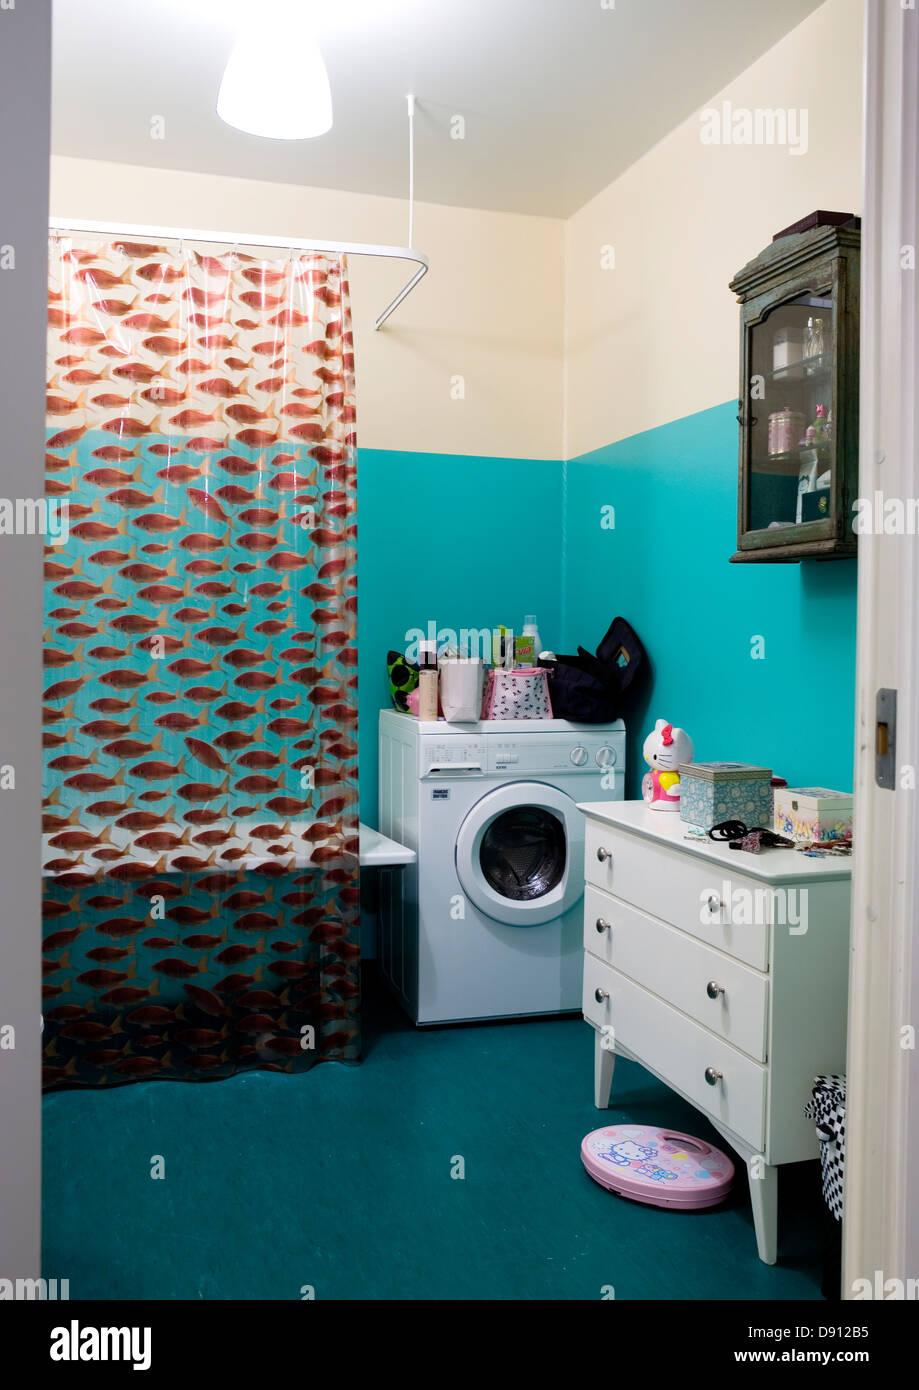 Rideau de douche et machine à laver dans une salle de bains, en ...